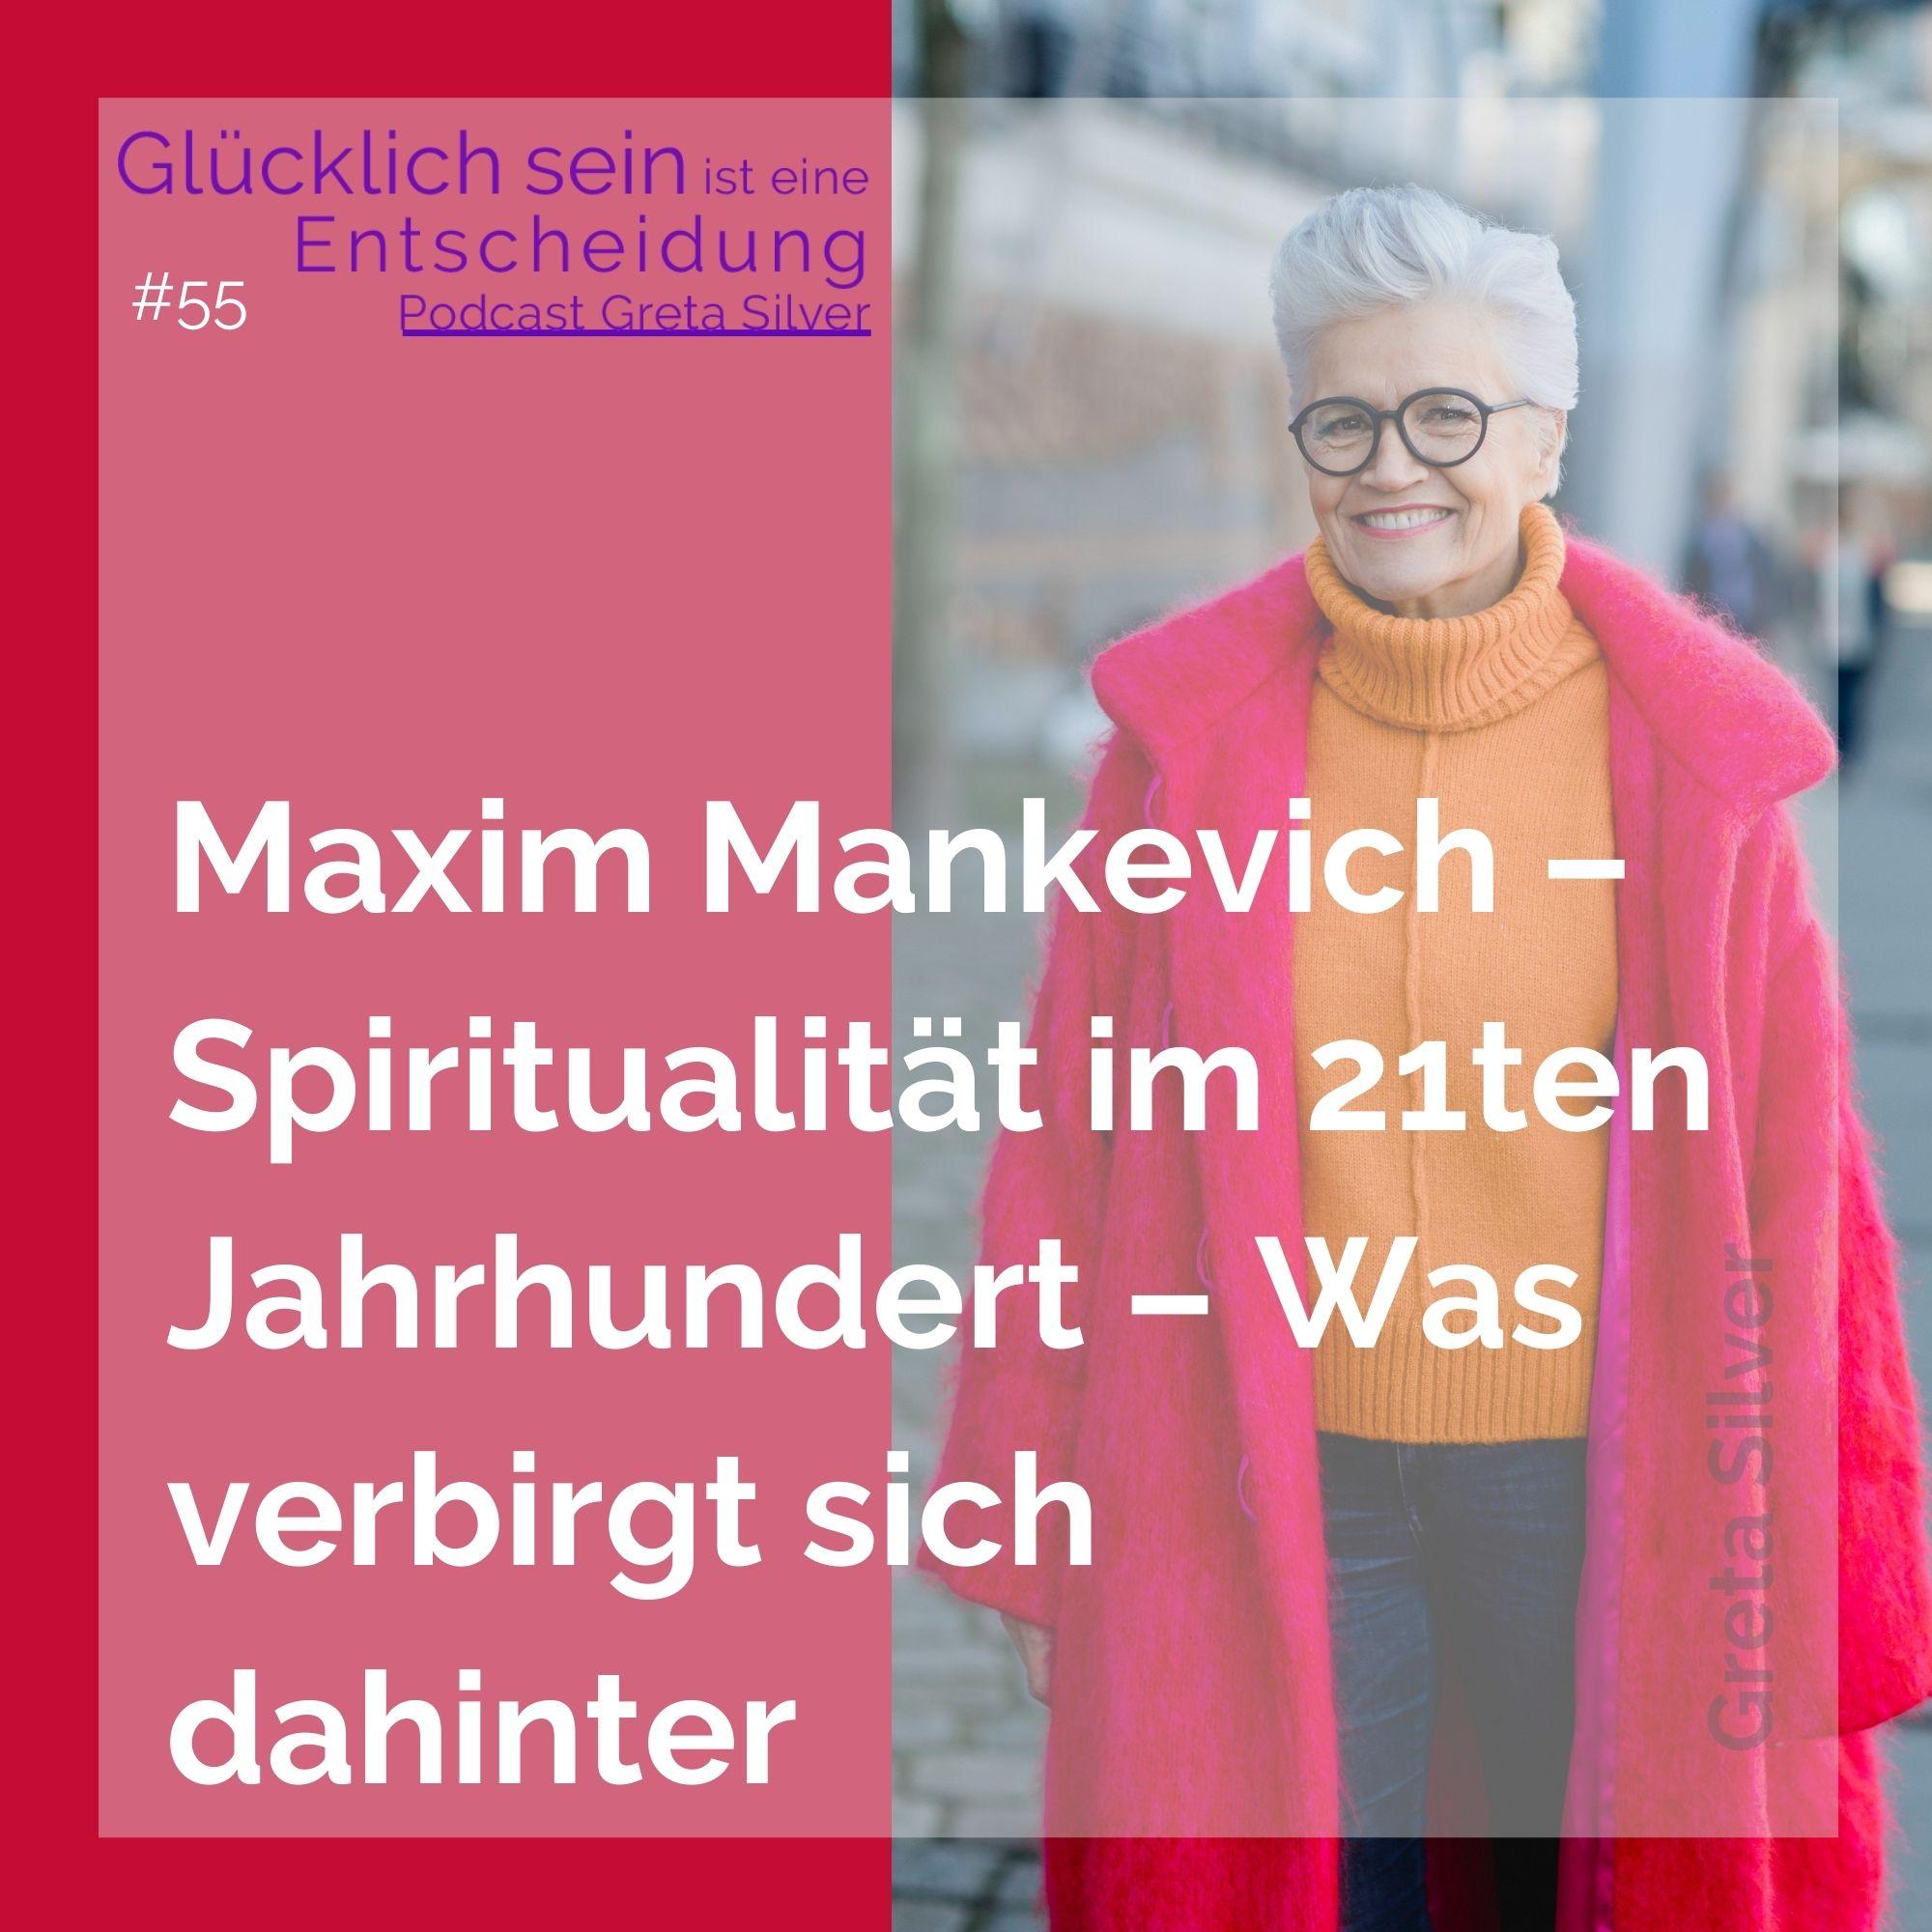 #55 Maxim Mankevich – Spiritualität im 21ten Jahrhundert – Was verbirgt sich dahinter